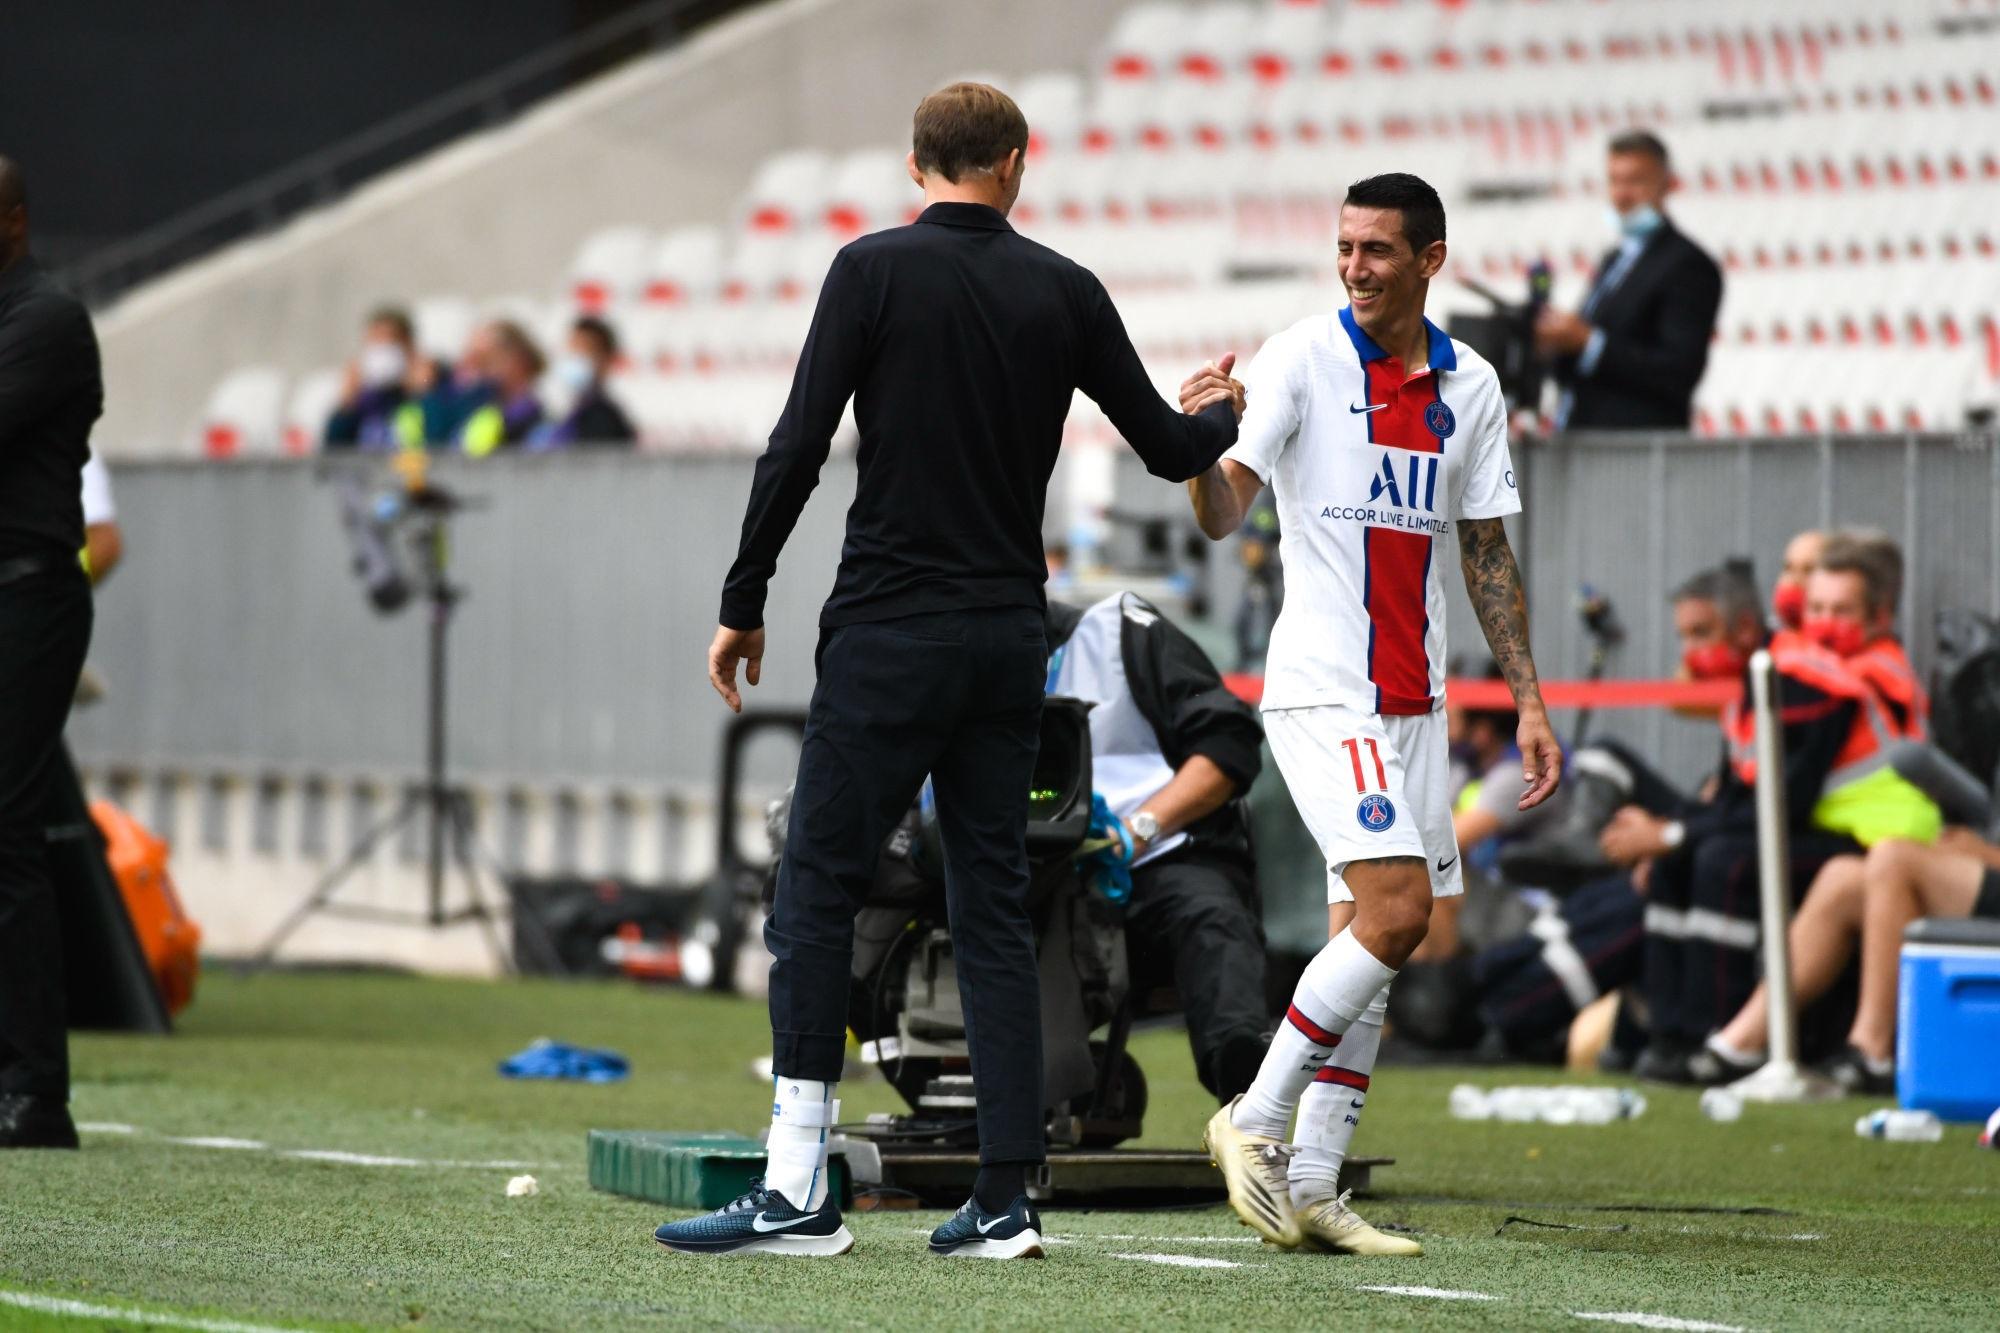 """Nice/PSG - Tuchel savoure """"une belle victoire, qui récompense un bon effort de toute l'équipe."""""""